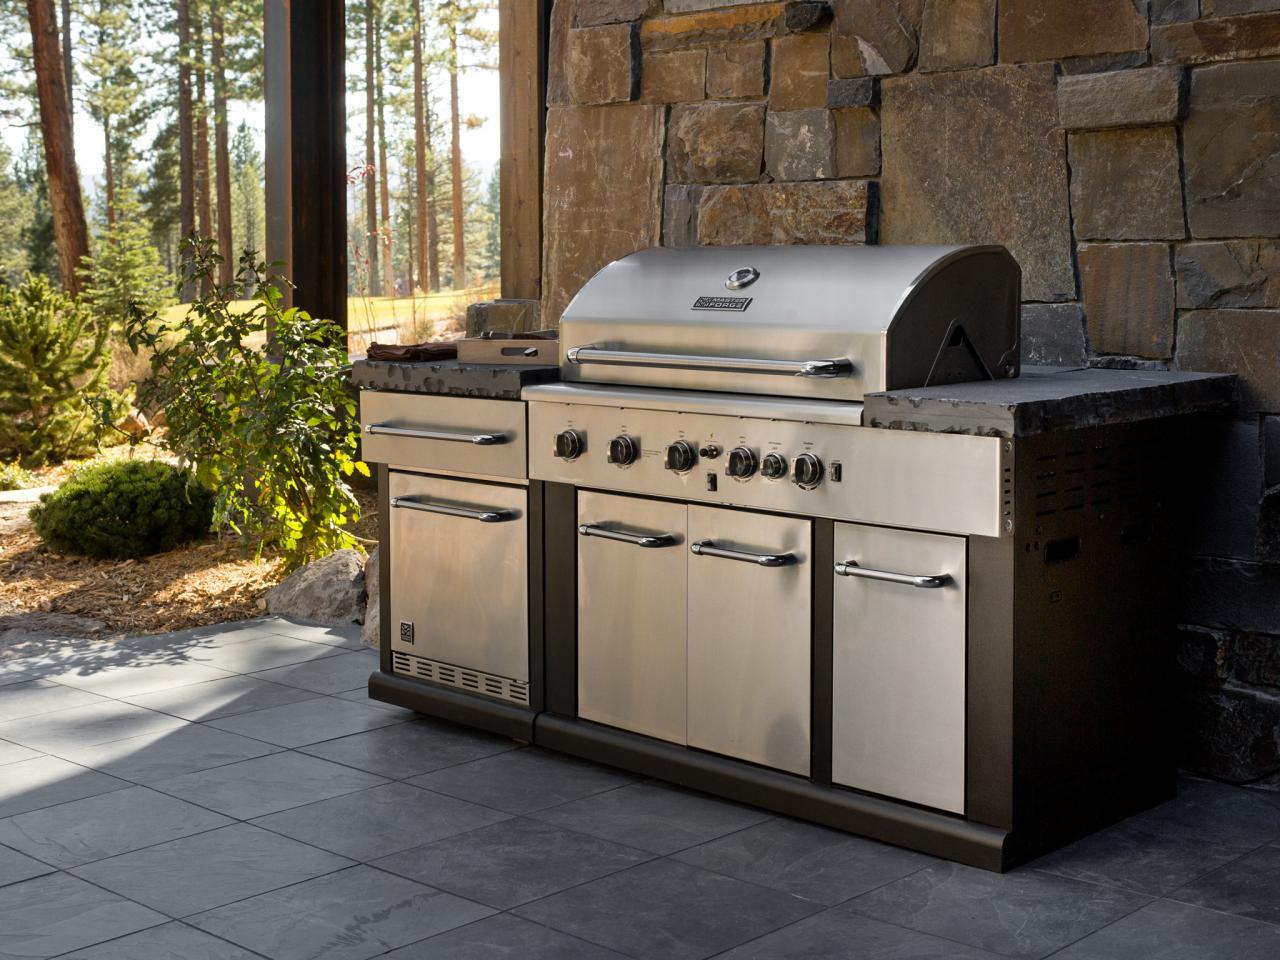 outdoor kitchen grills photo - 9